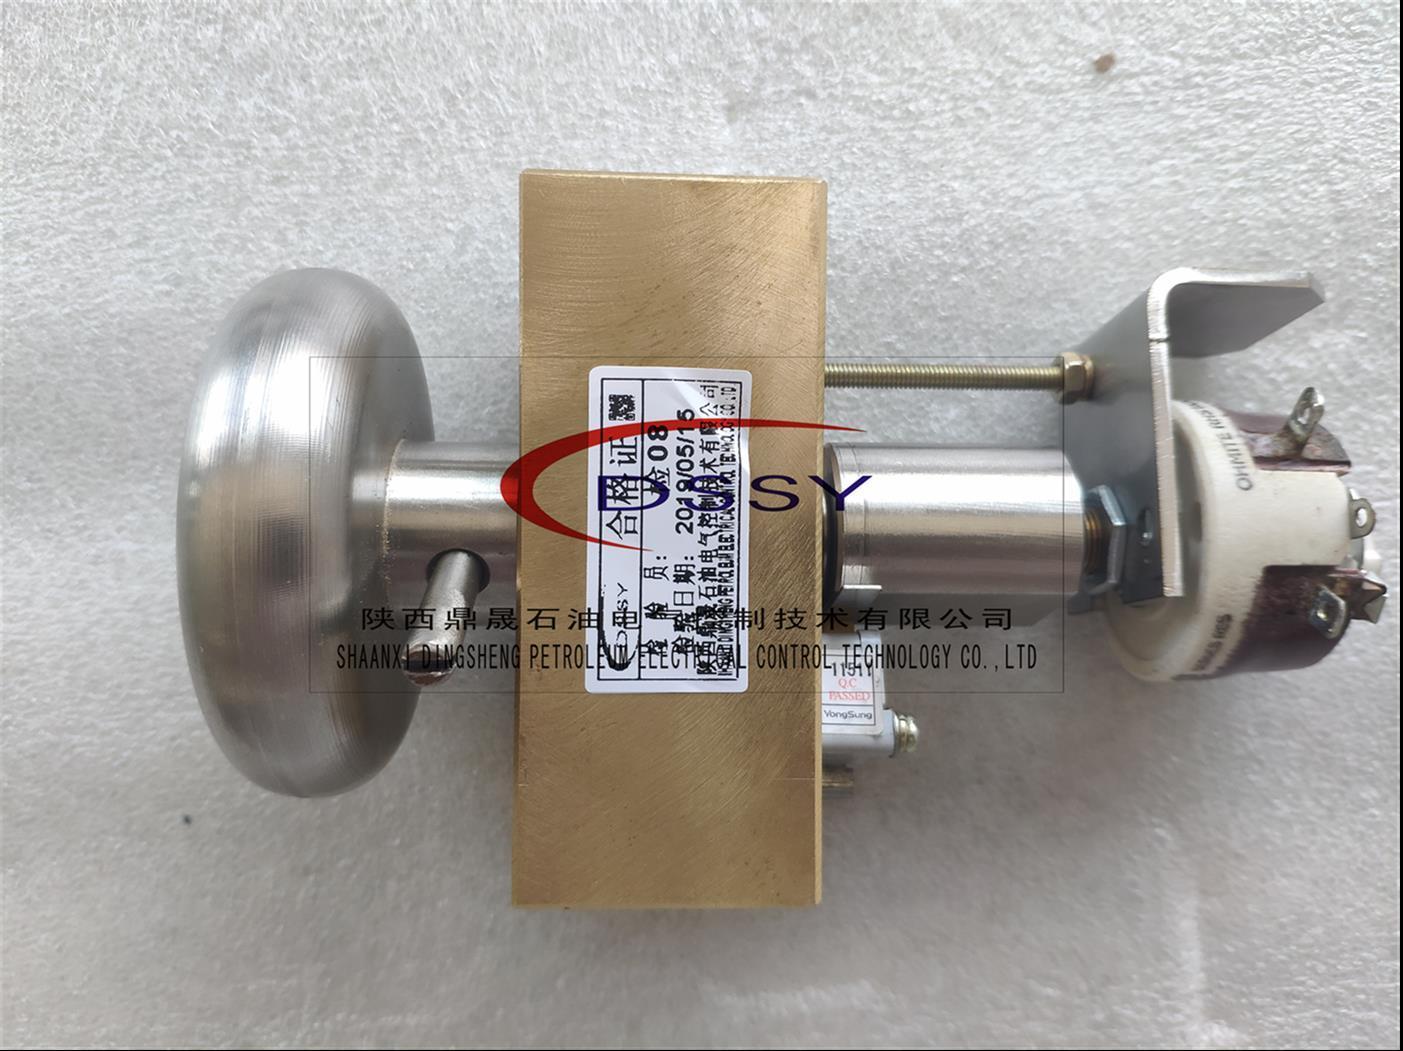 石油钻机直流电控系统手轮总成单联